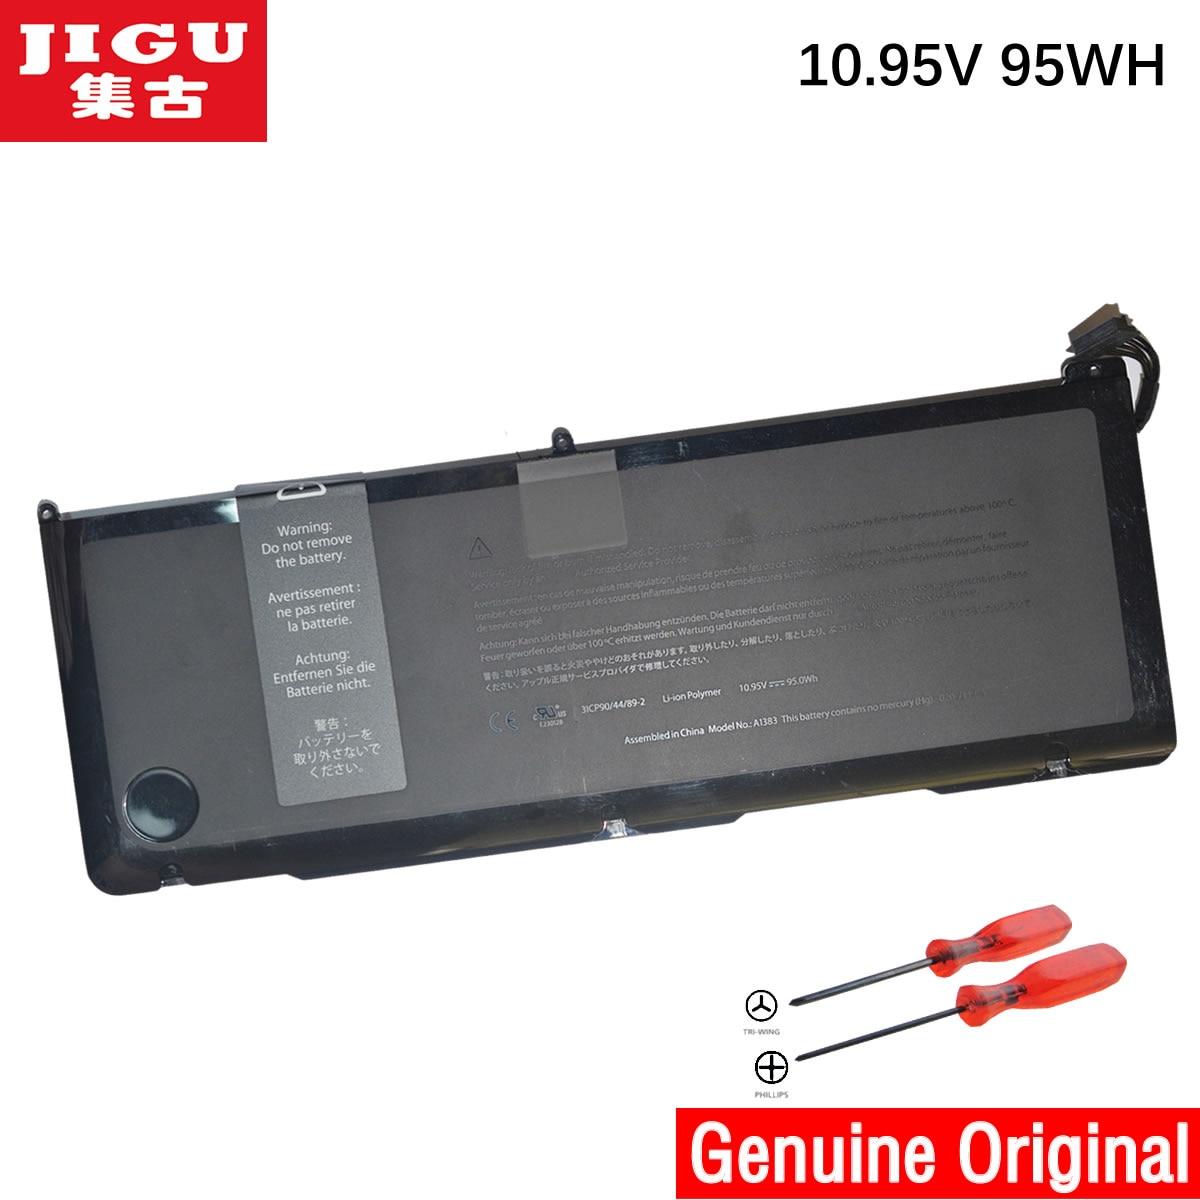 JIGU A1383 Original Laptop Battery For APPLE MacBook Pro 17 A1297 MD311 MC725 10.95V 95WH 43w4342 44e8763 battery for mr10i mr10is original 95